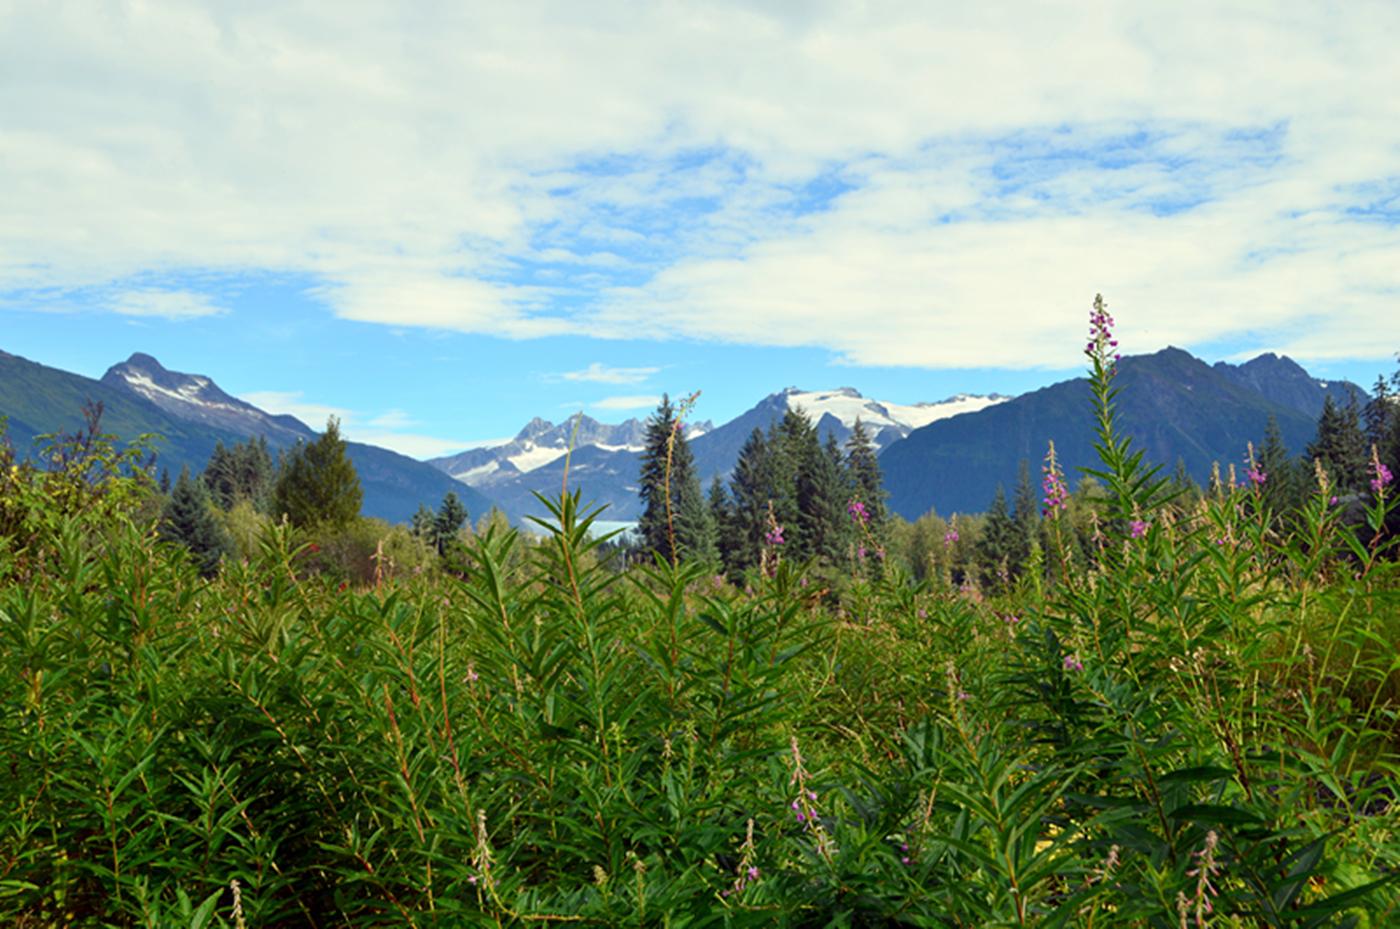 阿拉斯加,那山、那水、那人……_图1-23